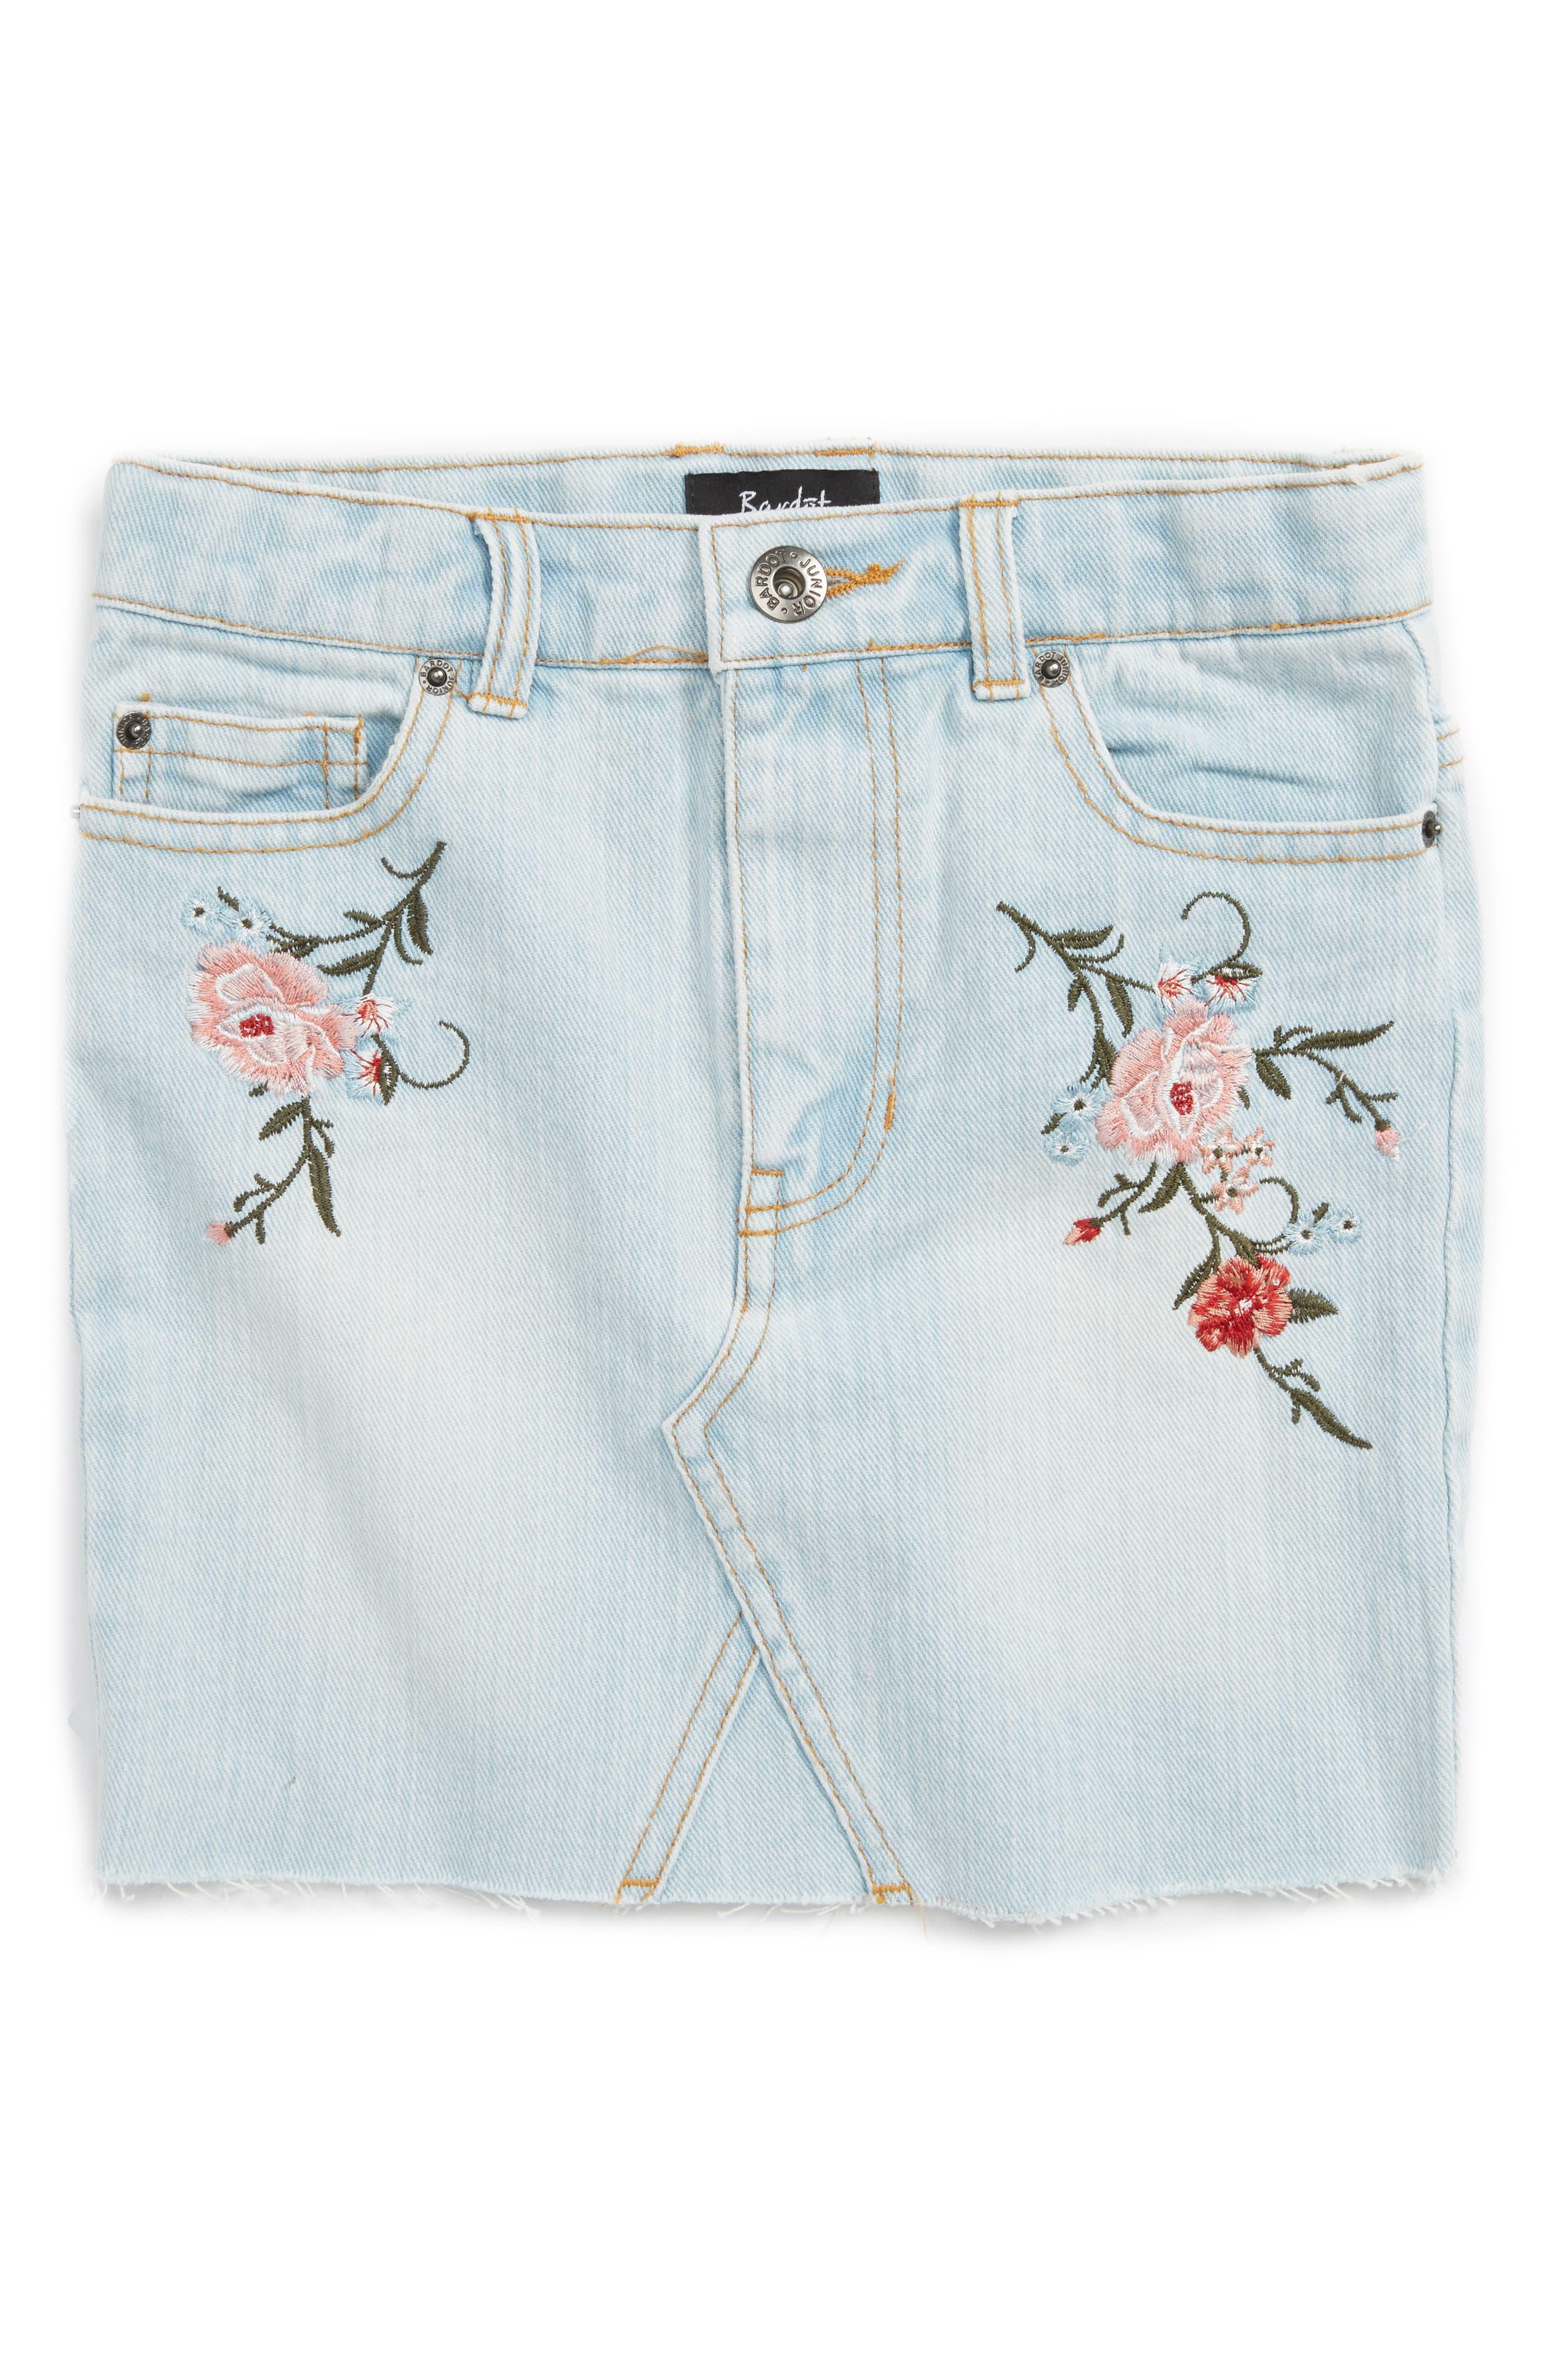 Alternate Image 1 Selected - Bardot Junior Embroidered Denim Skirt (Little Girls)